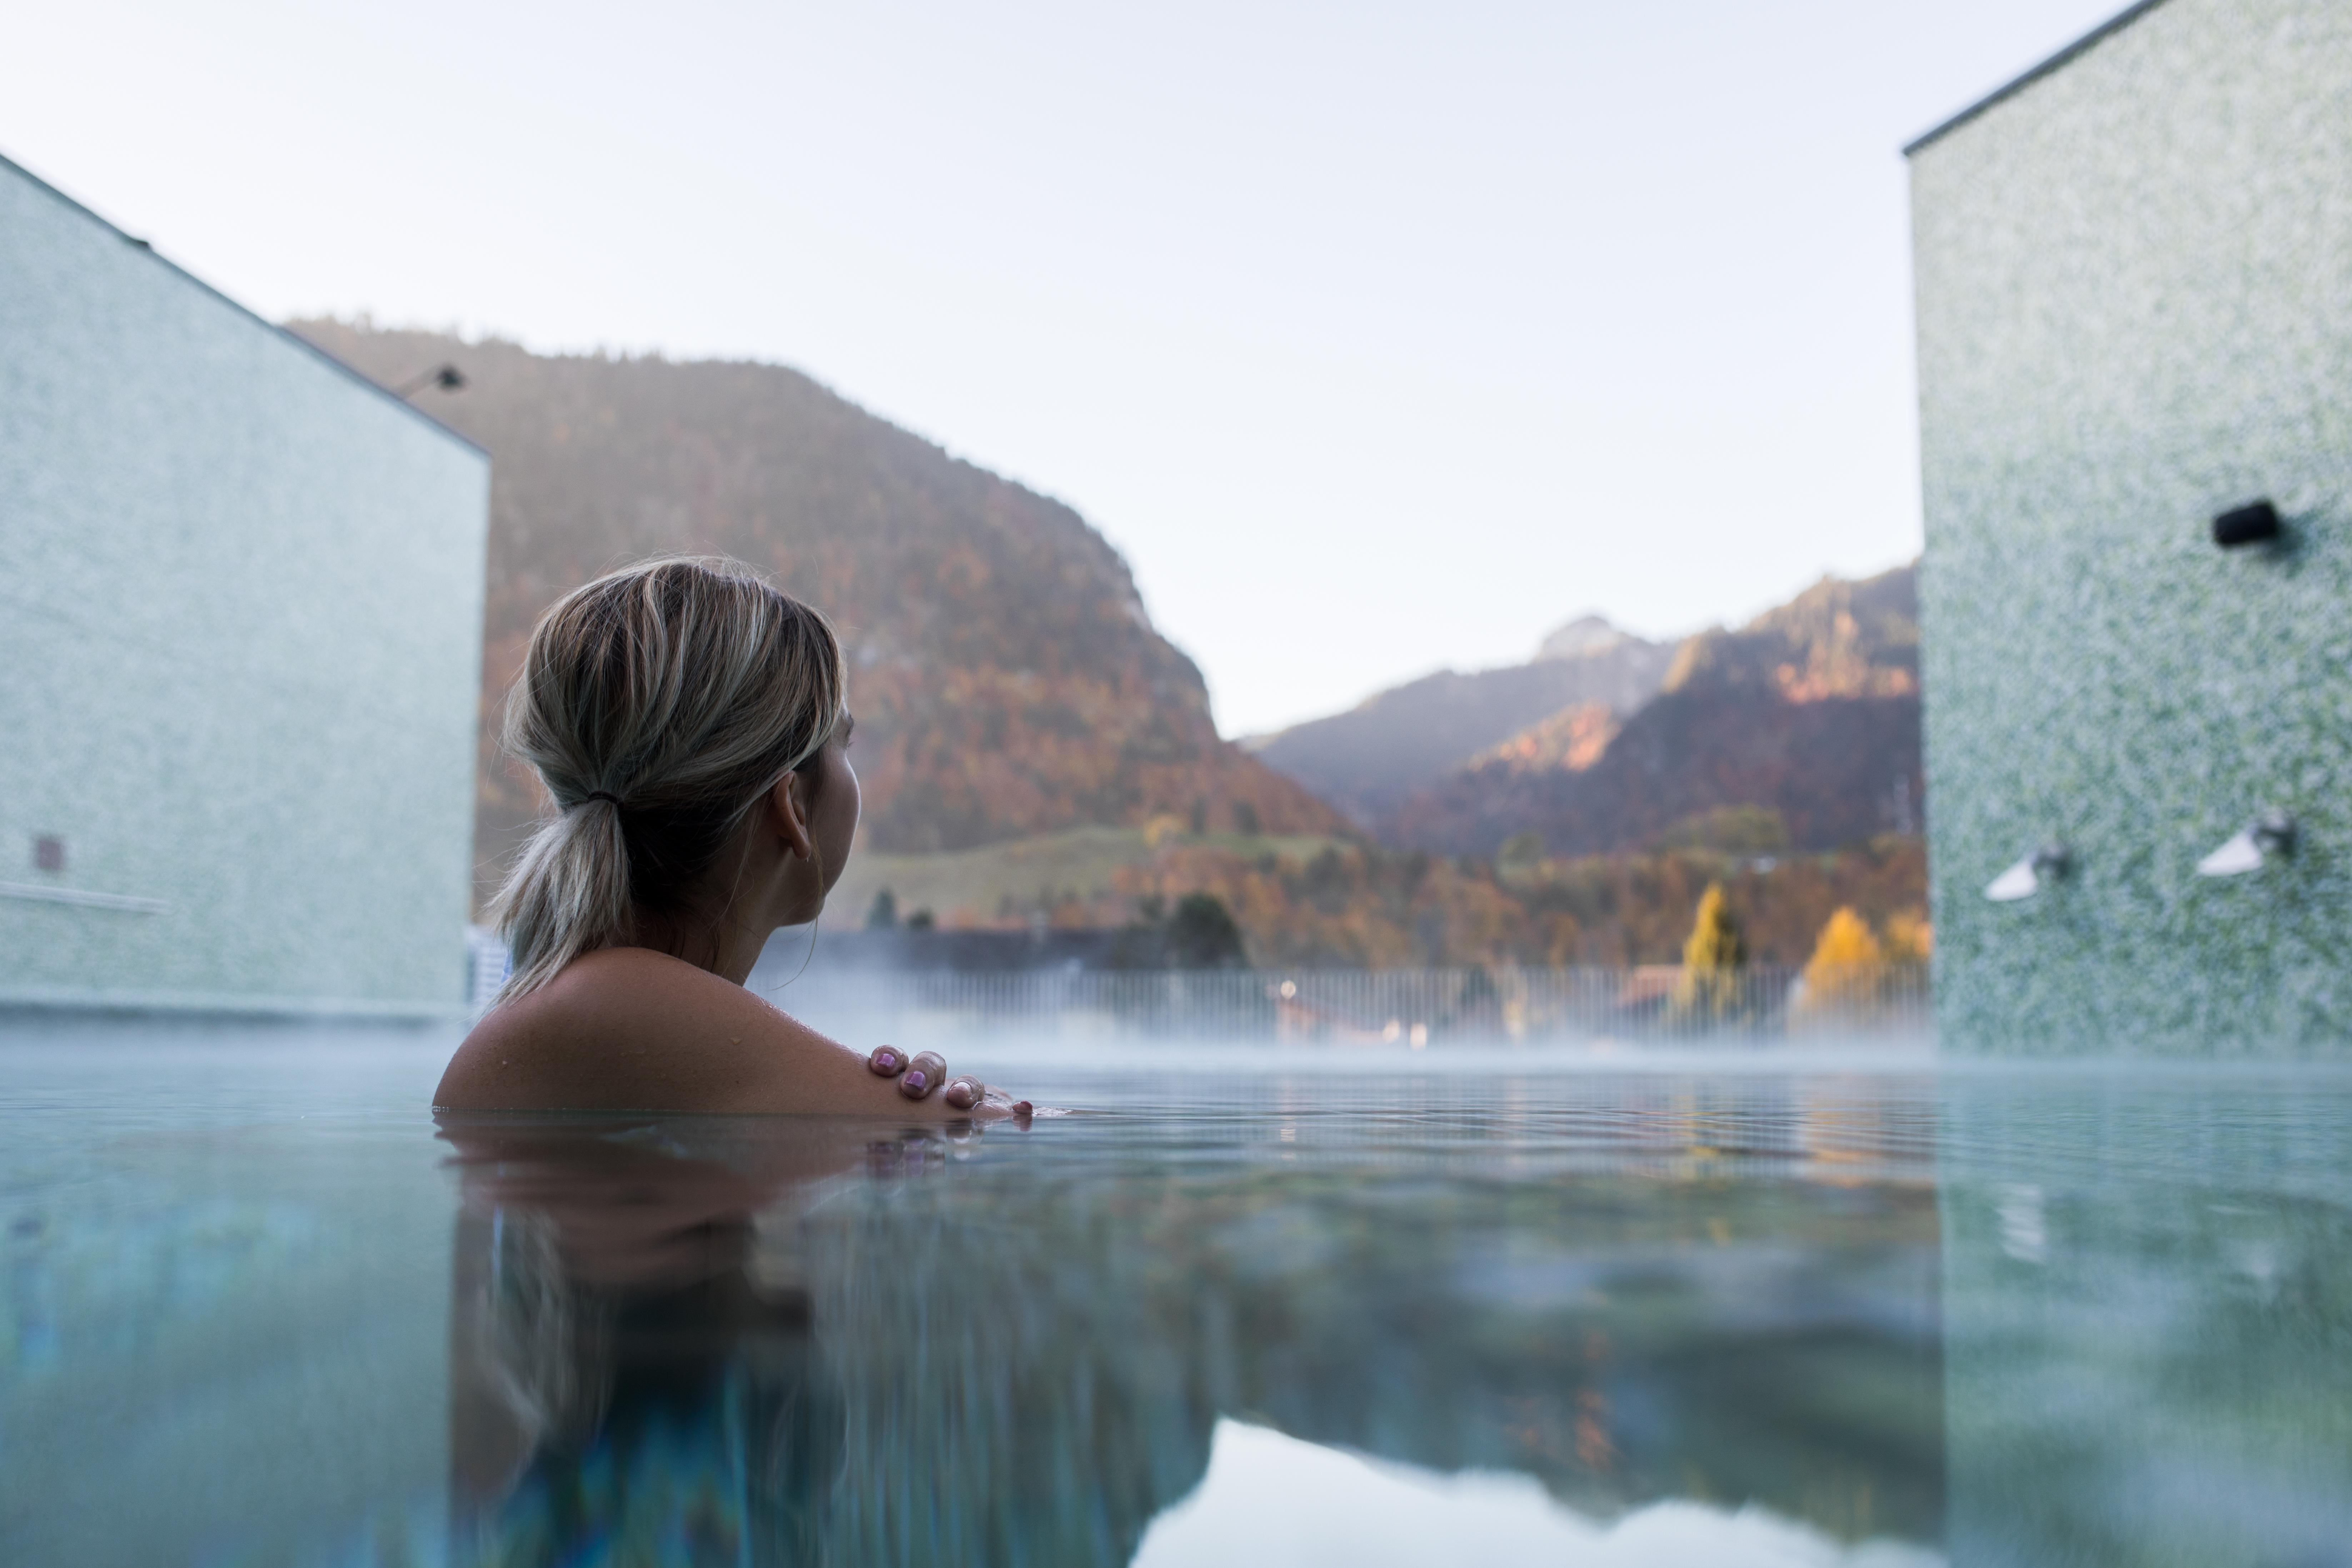 Parmi l'offre wellness du canton de Fribourg, les Bains de la Gruyère tiennent la vedette